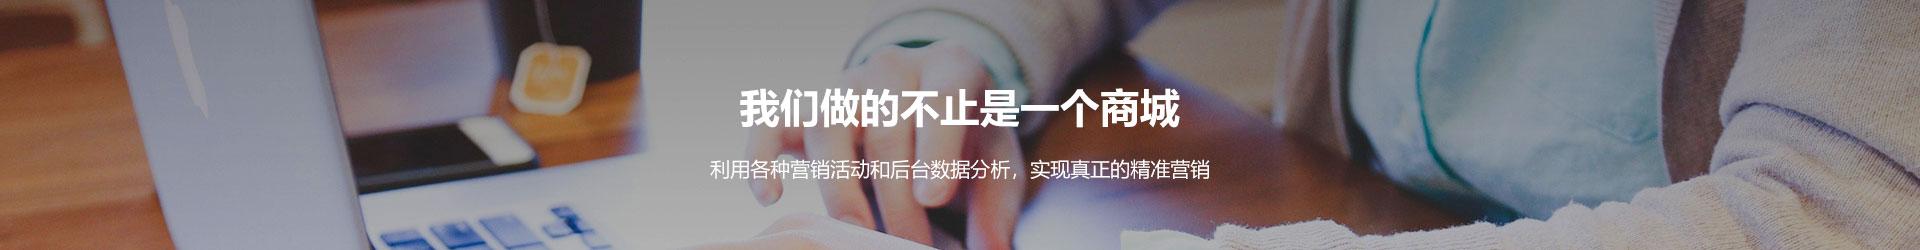 嫩江微信小程序开发